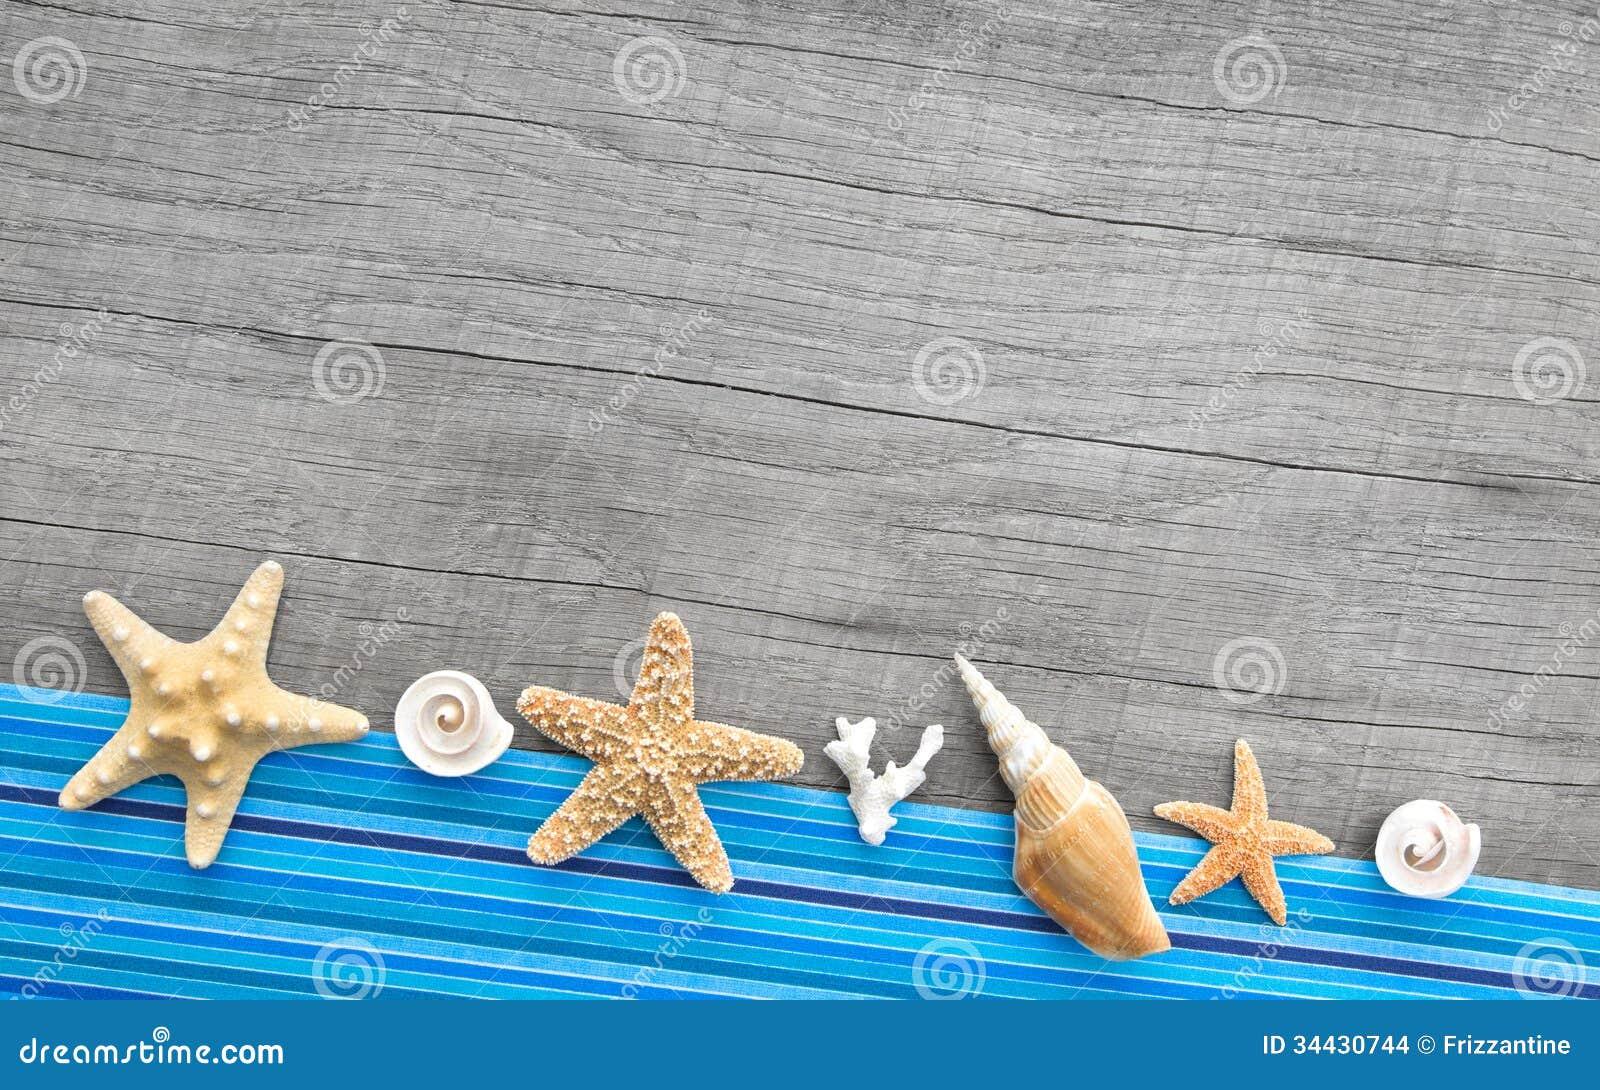 Fotografia De Stock Conchas Do Mar No Fundo Da Areia Image31610792 besides Search furthermore 224567767 also Collectionpdwn Purple Seashell Shirt in addition Stock Images Shells Collection Image16666404. on seashell pattern